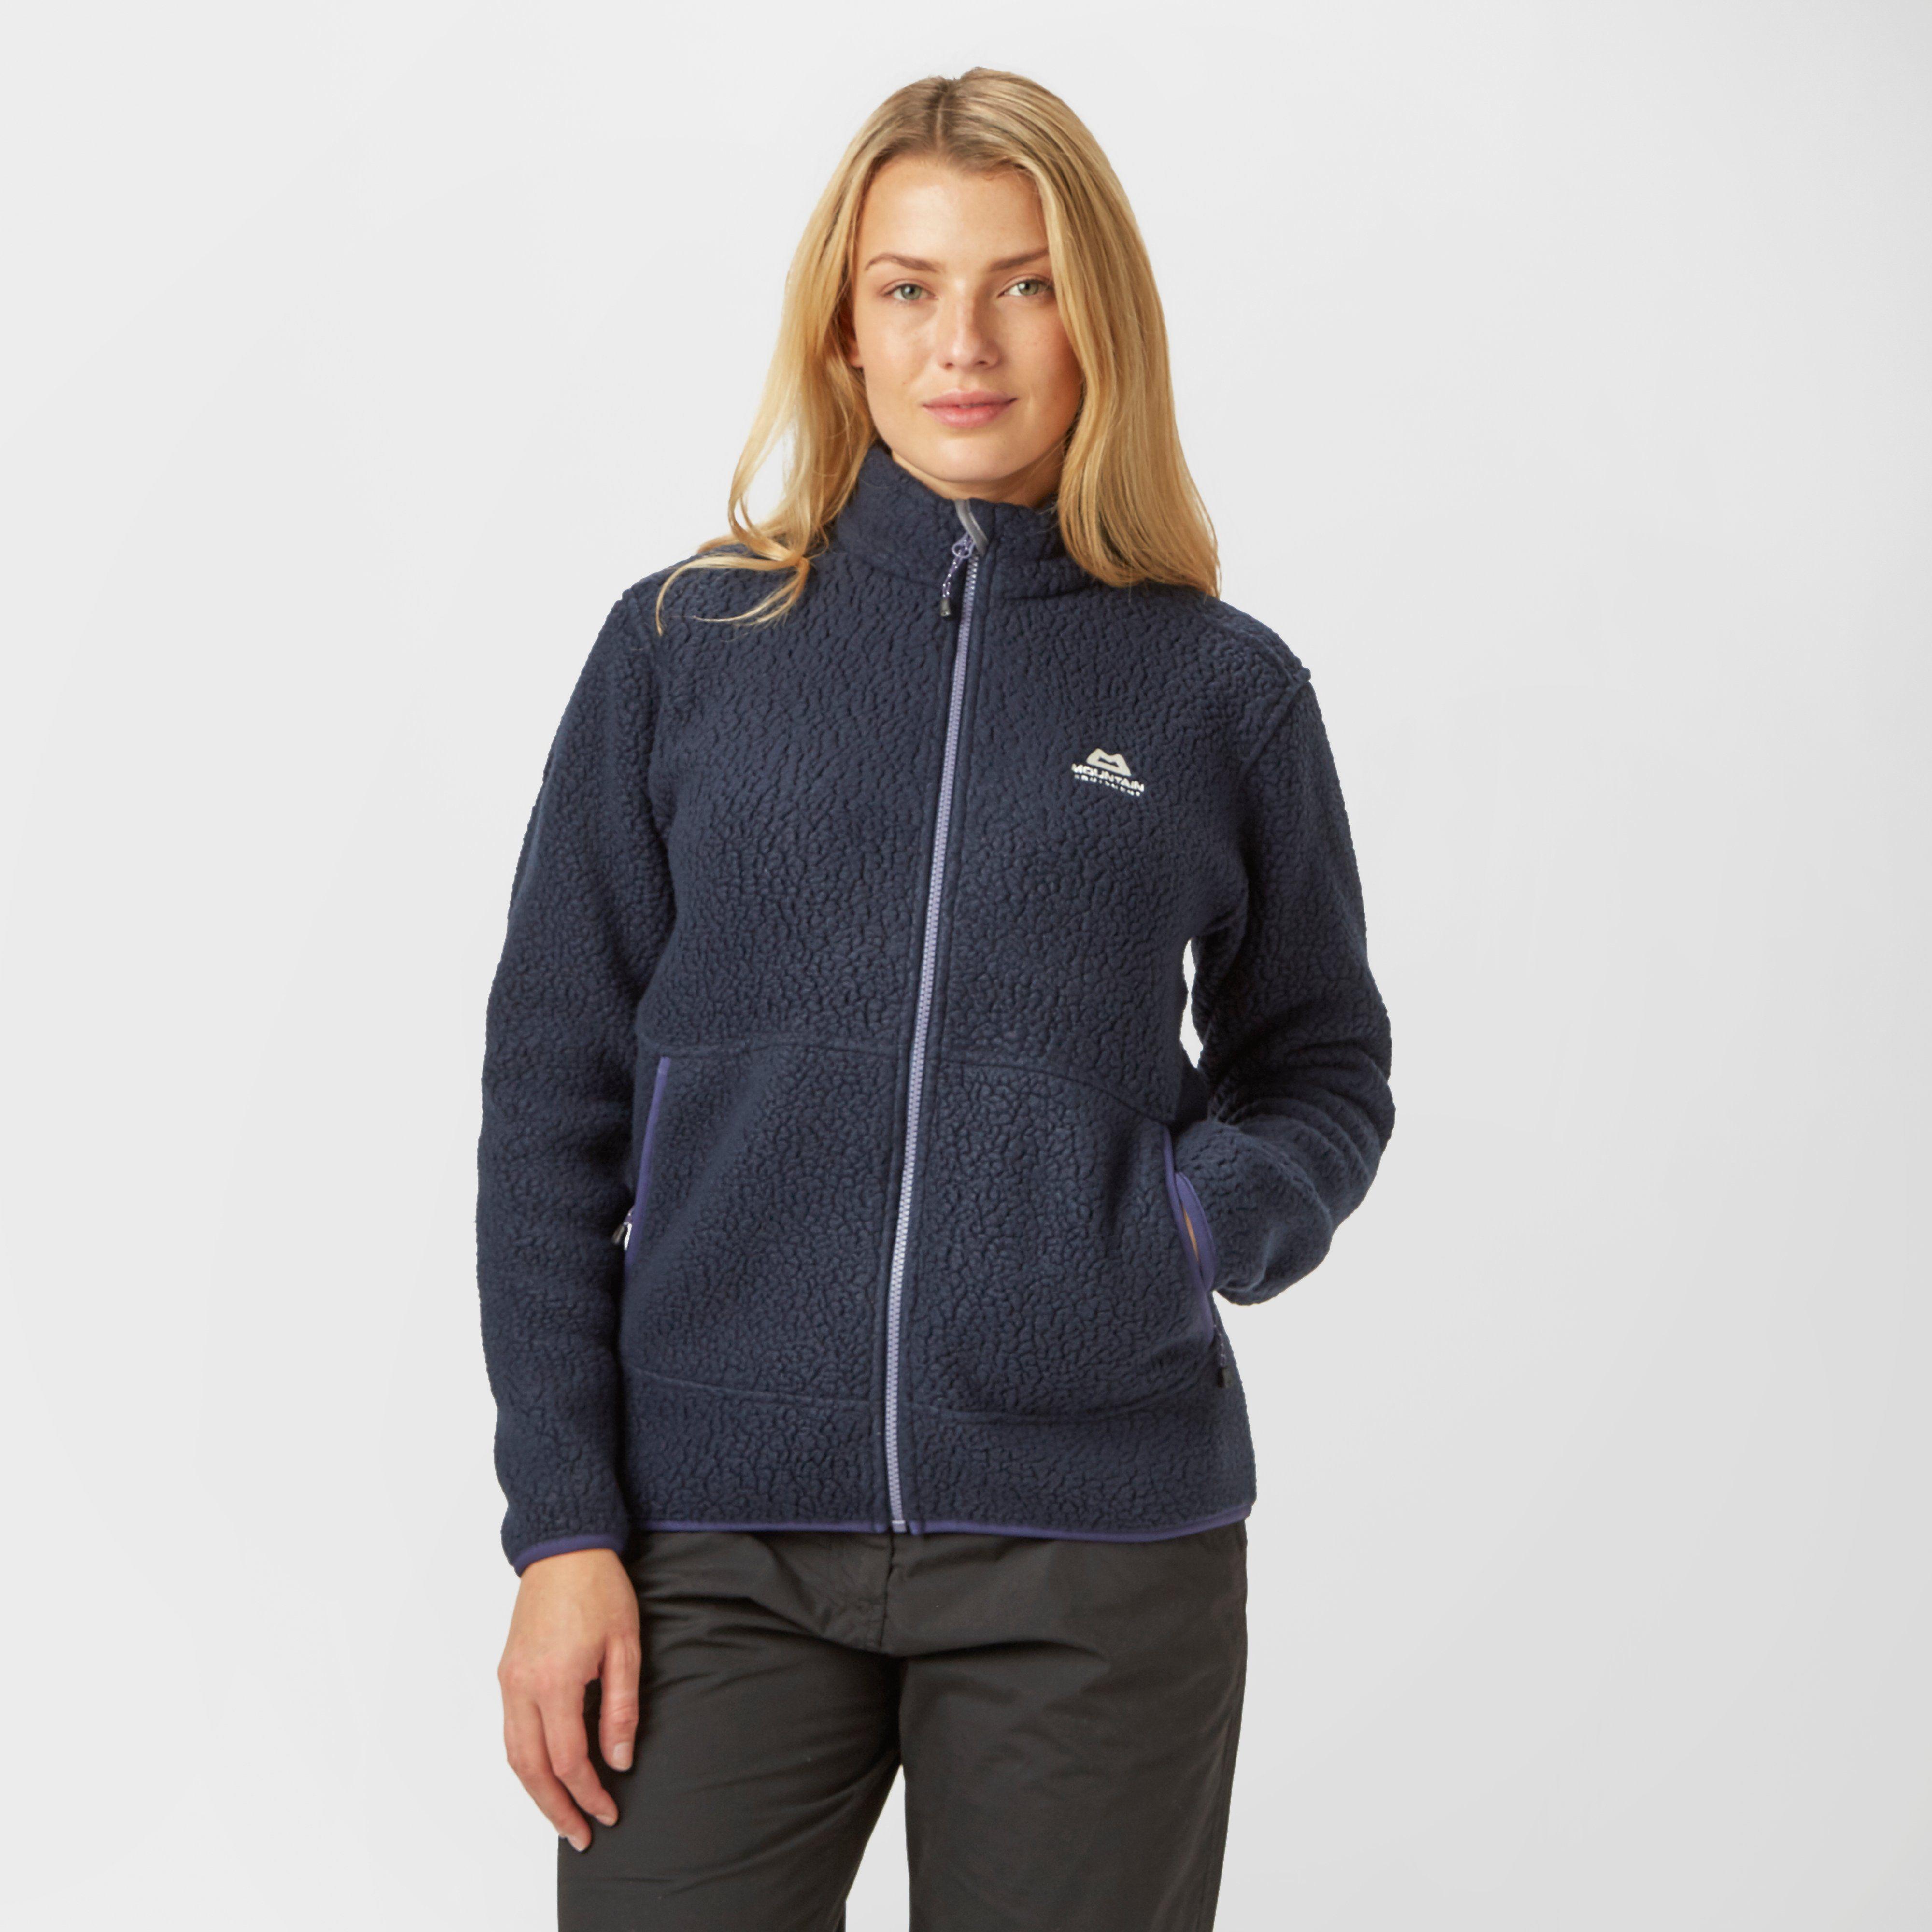 MOUNTAIN EQUIPMENT Women's Moreno Full-Zip Fleece